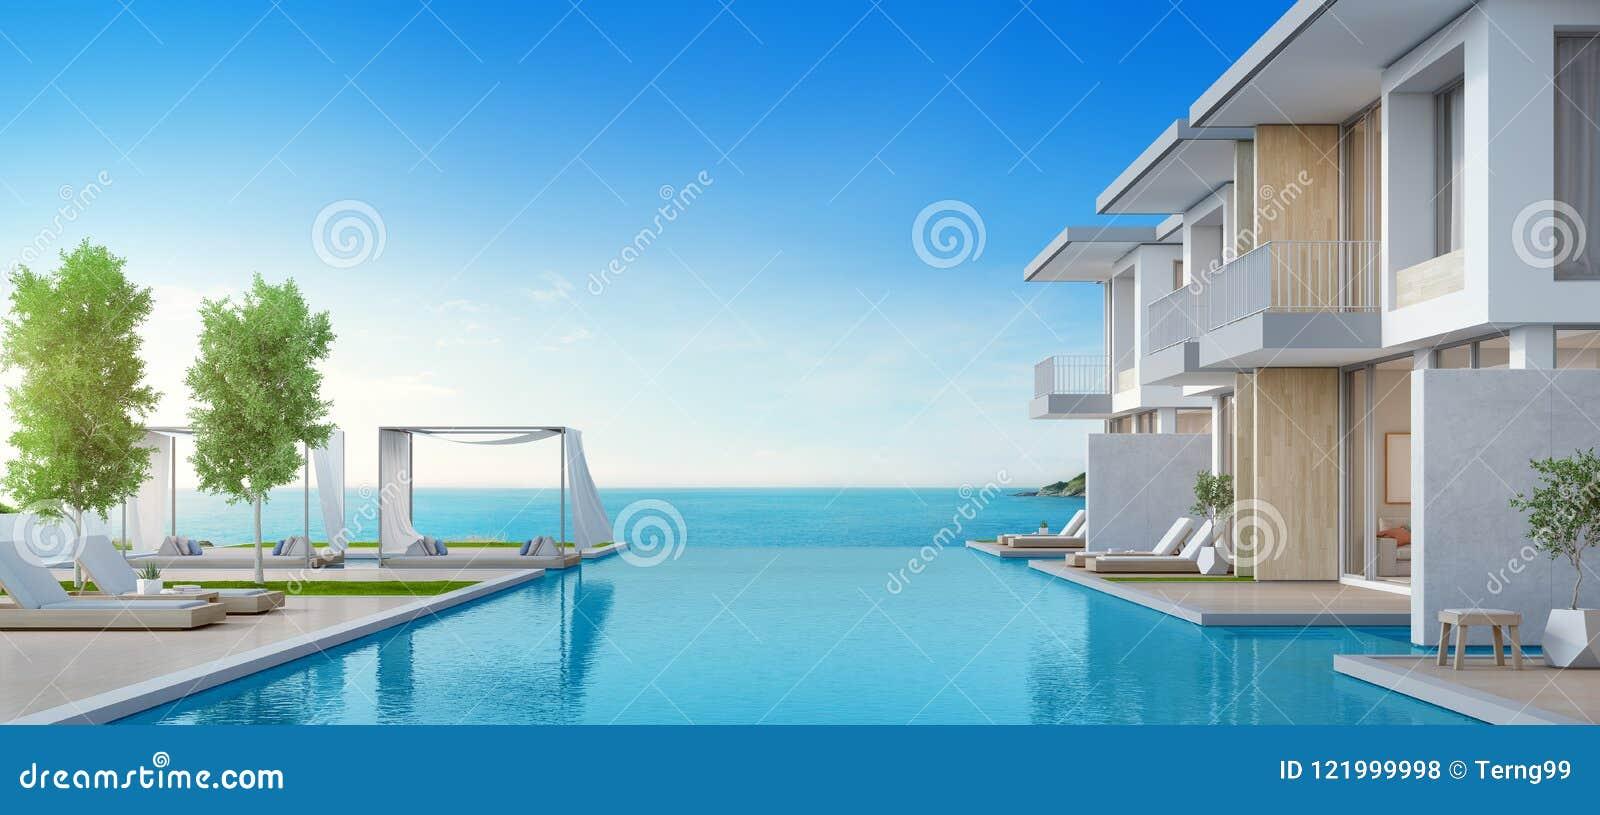 b1ba0889f15c casa-di-spiaggia-lusso-con-la-piscina -vista-del-mare-e-terrazzo-nella-progettazione-moderna-121999998.jpg